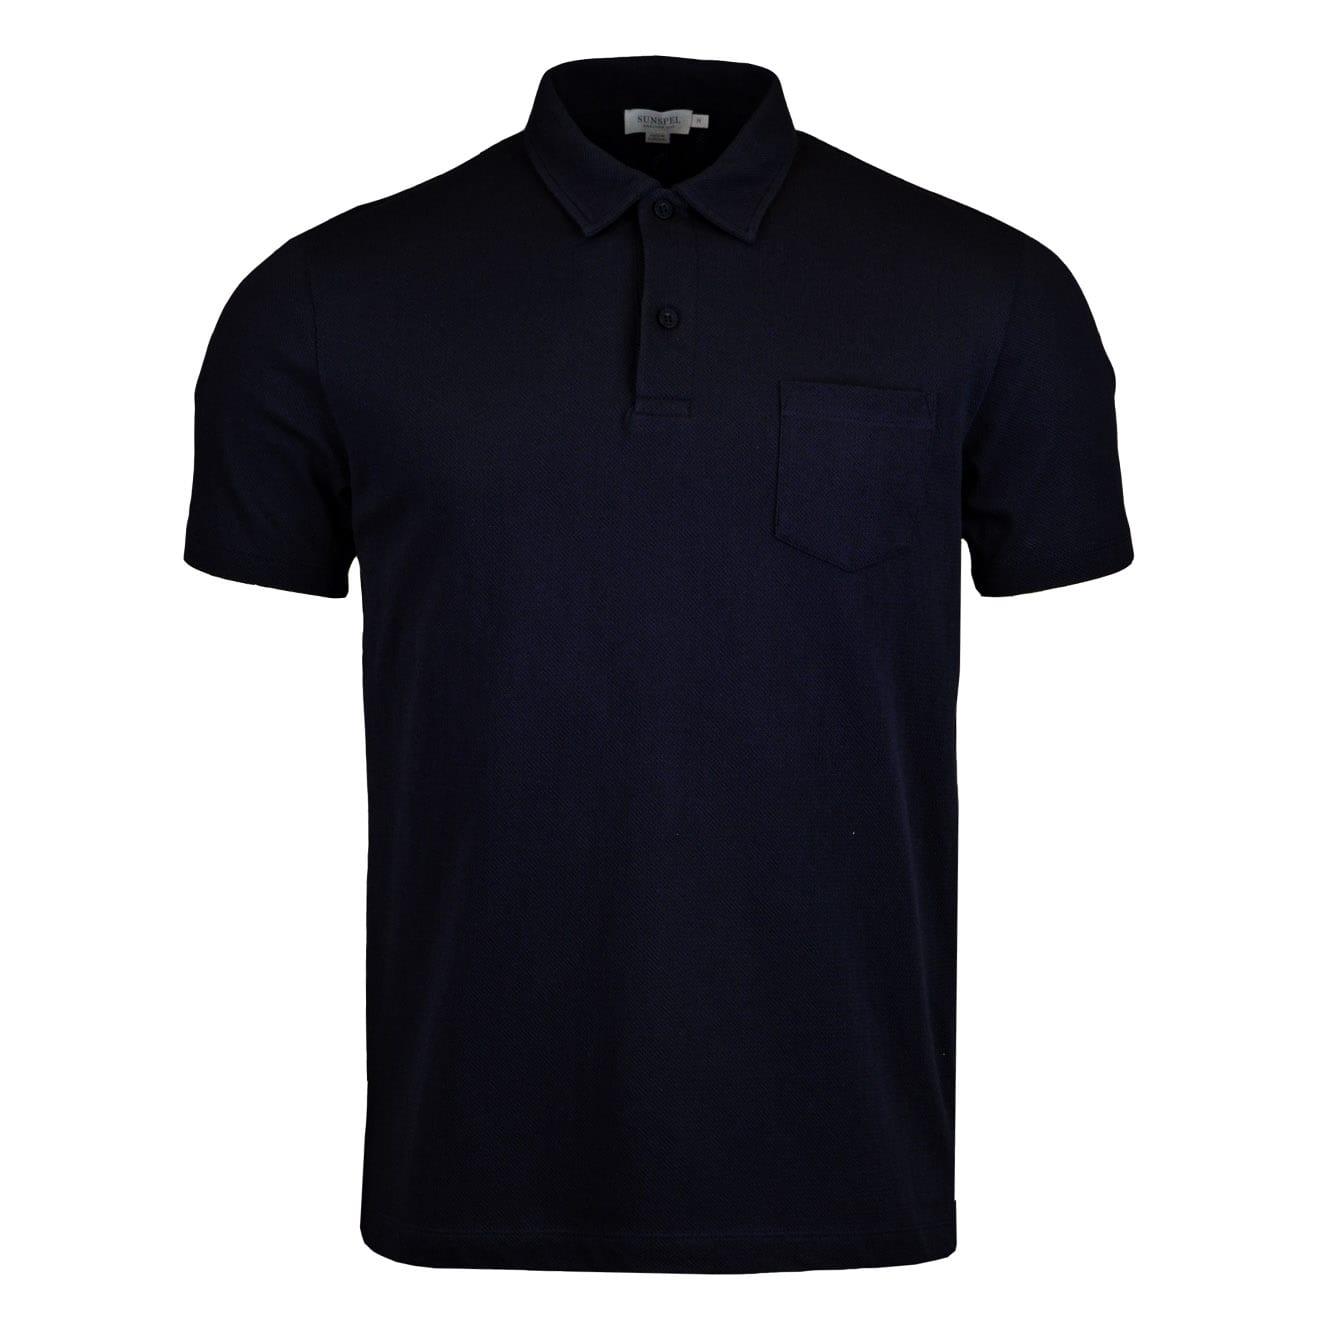 Sunspel Short Sleeve Riviera Polo Navy